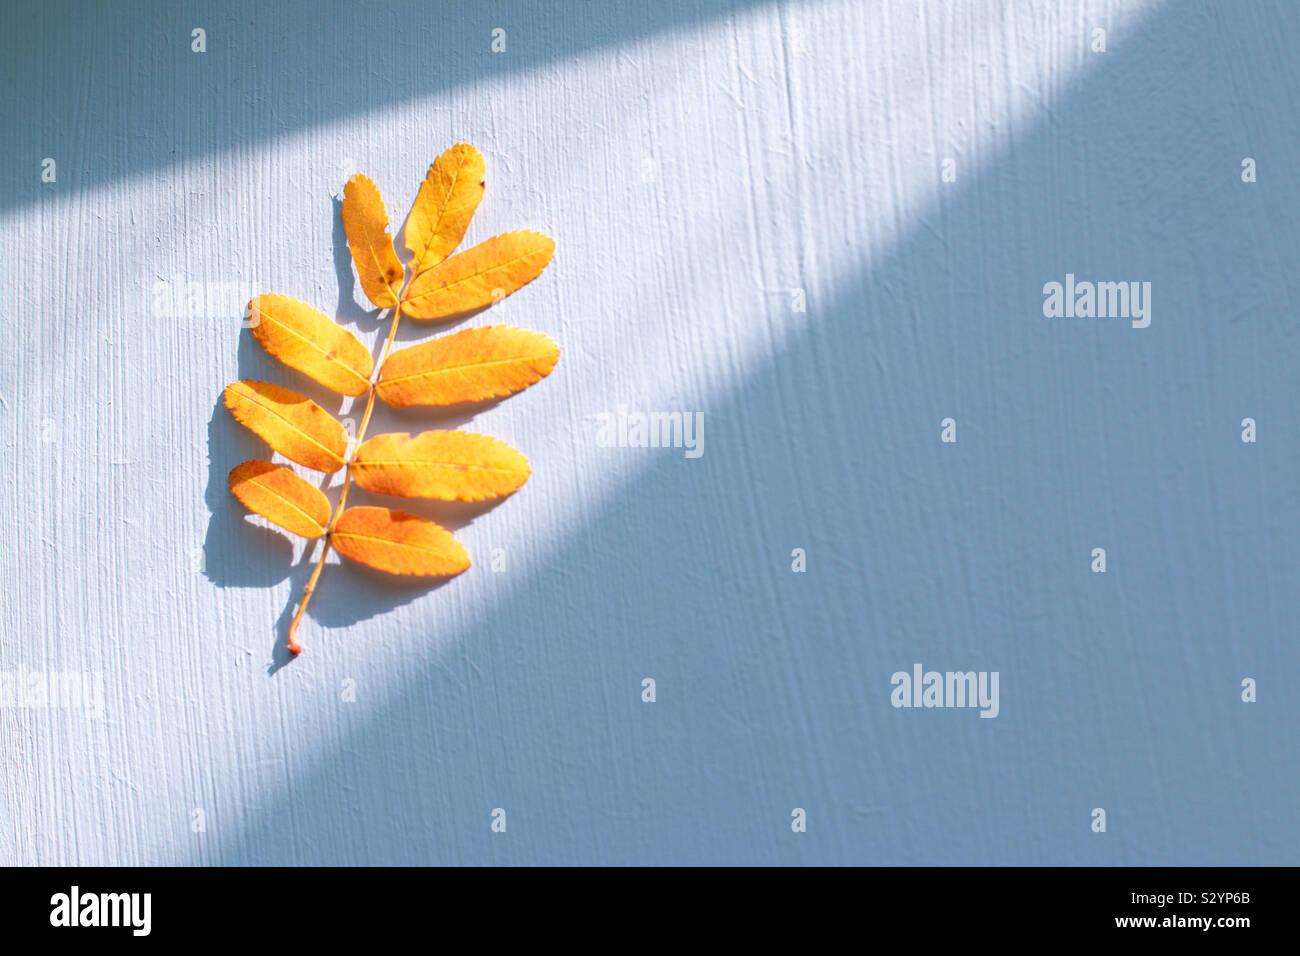 Vogelbeere gelb Blatt mit Platz für Text Stockfoto